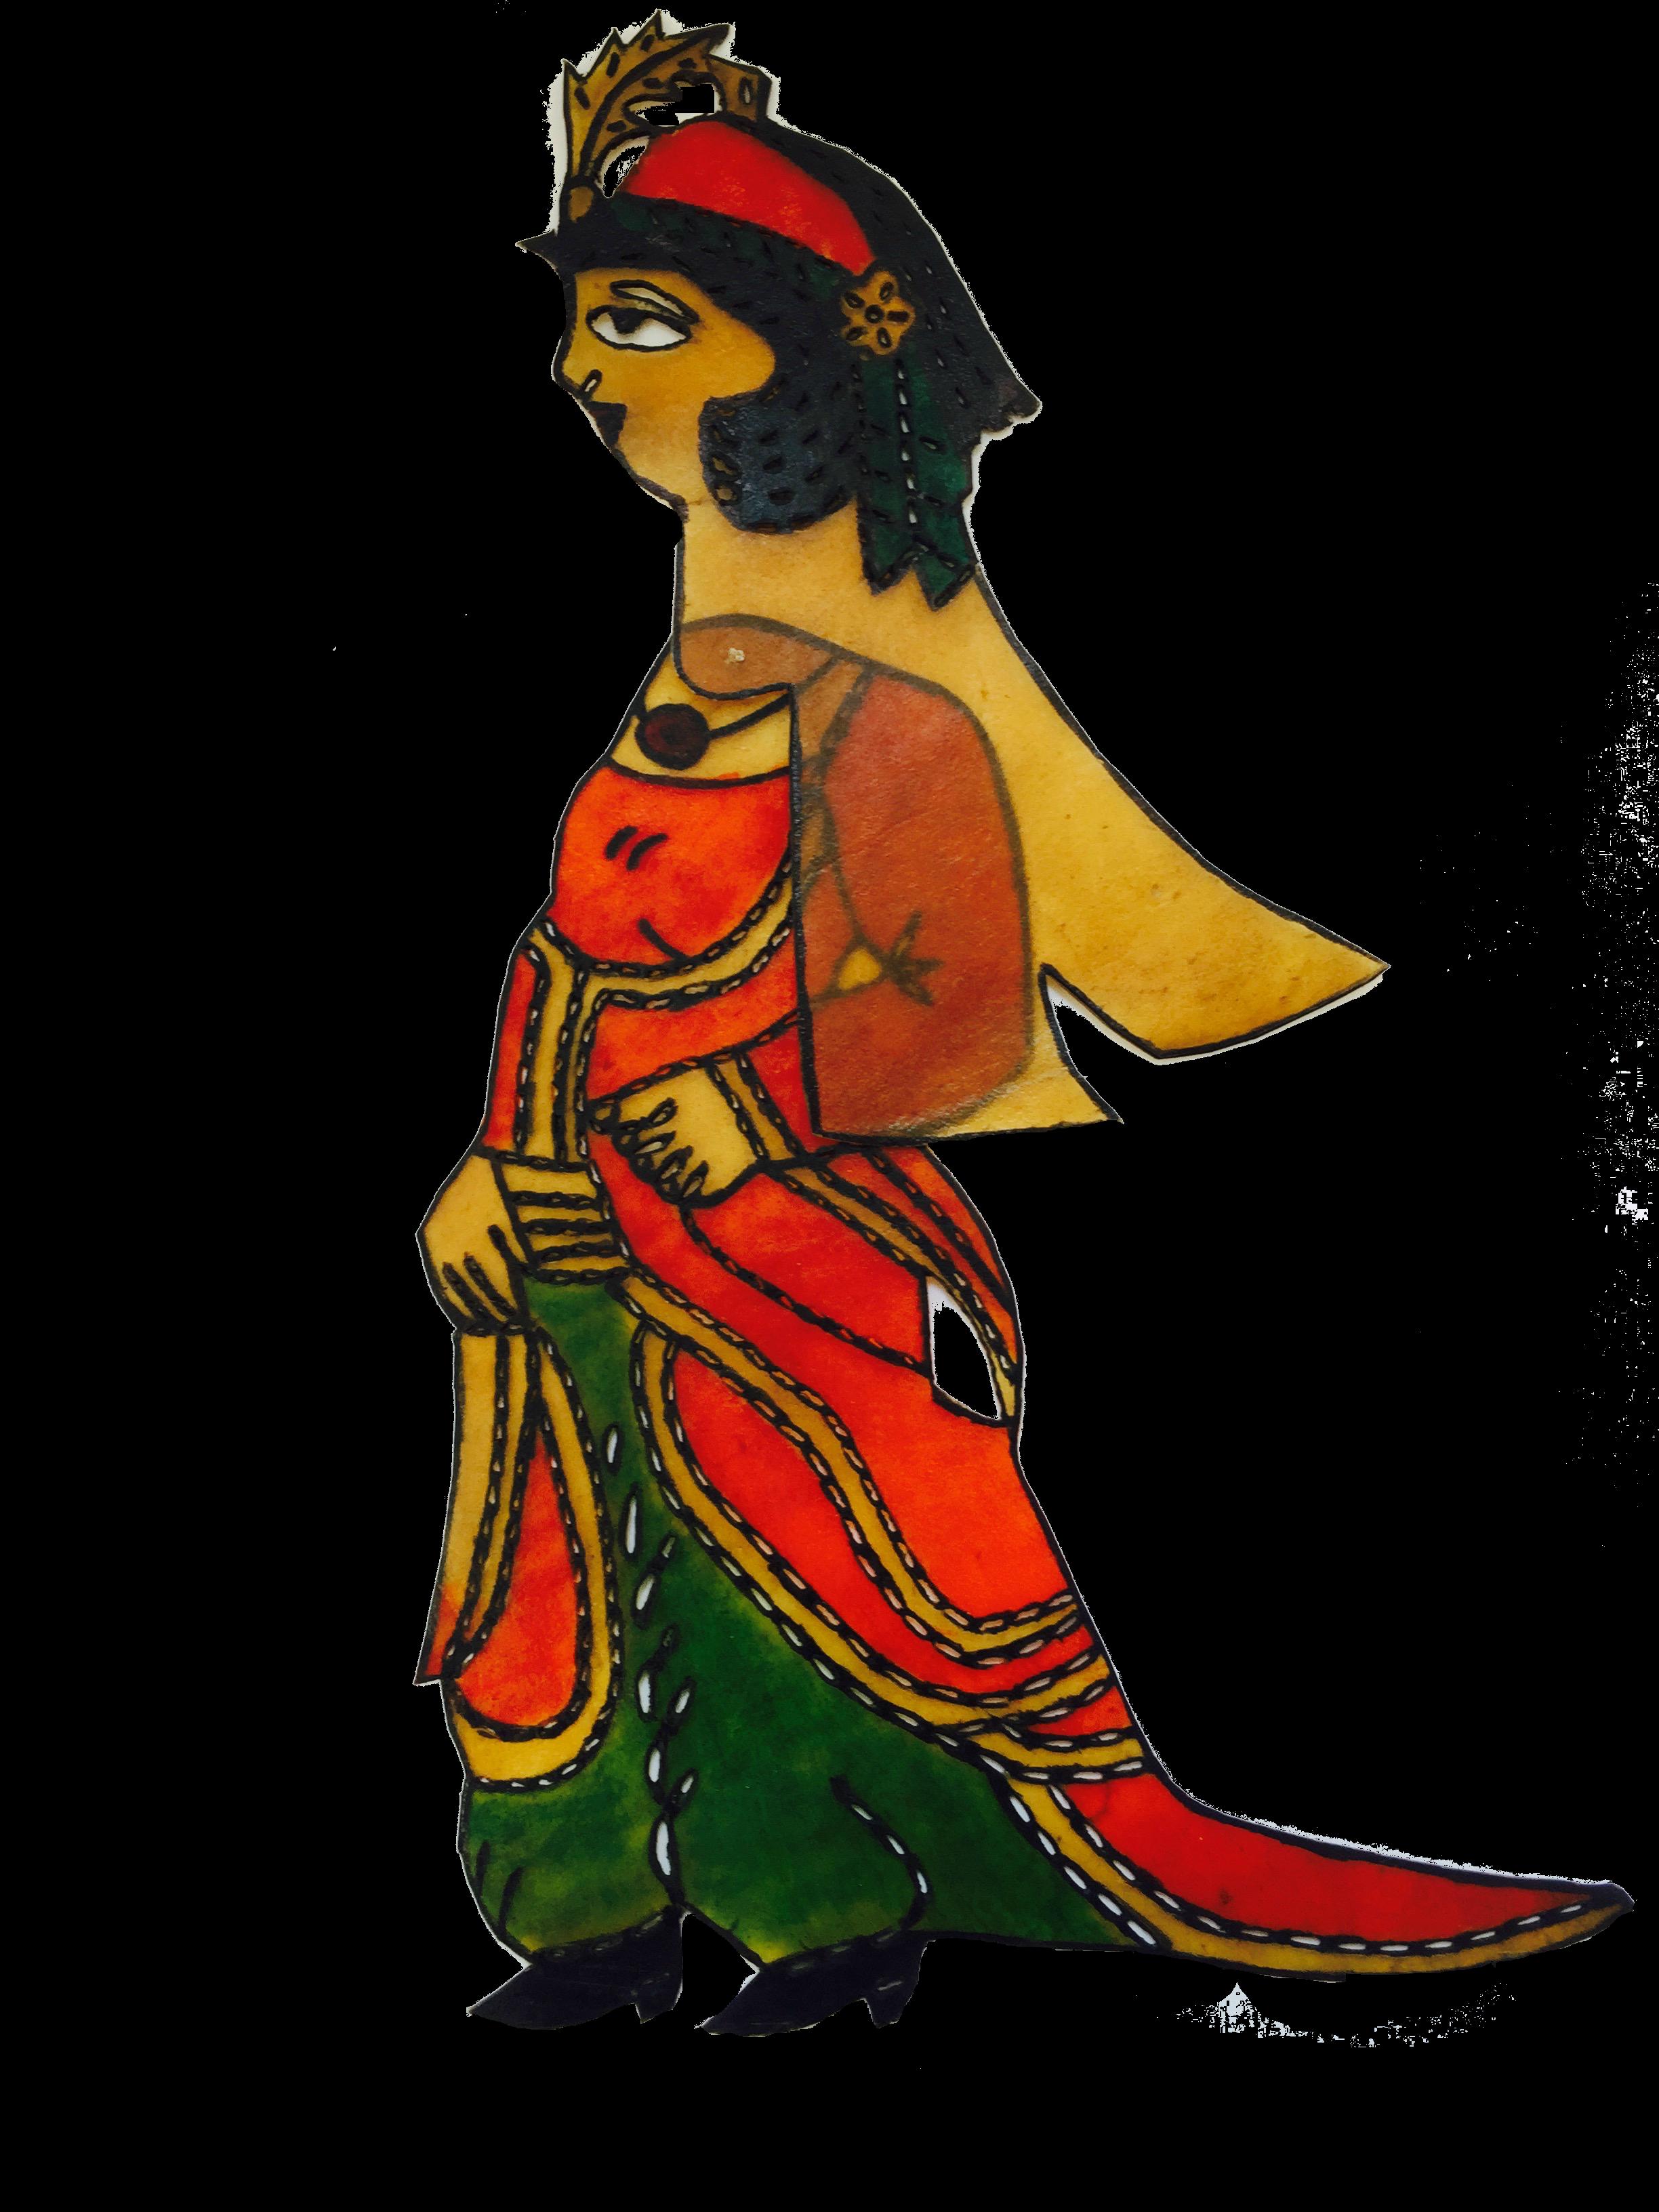 Zenne, une marionnette d'ombre karagöz de Vural Arisoy. Photo réproduite avec l'aimable autorisation de UNIMA Turkey (UNIMA Turkiye)